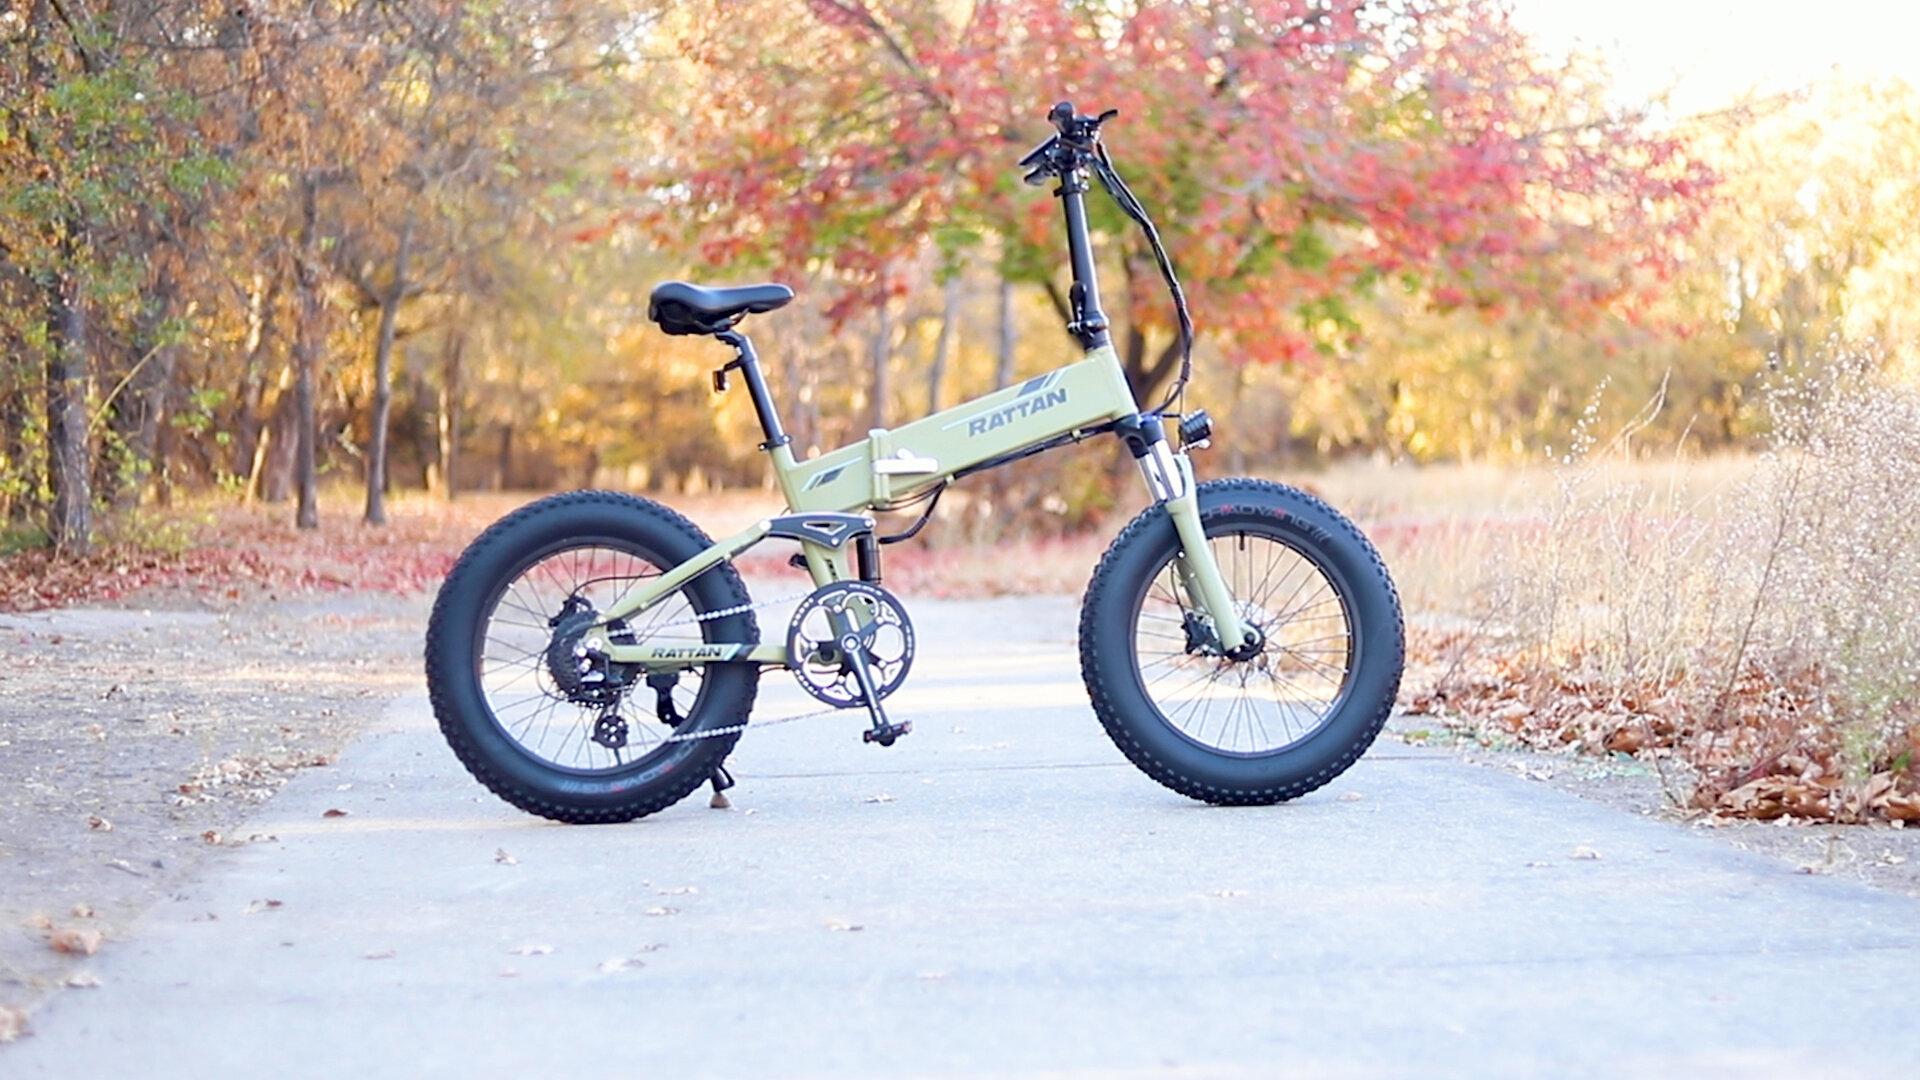 Rattan Fat Bear Plus Electric Bike Review Full Suspension